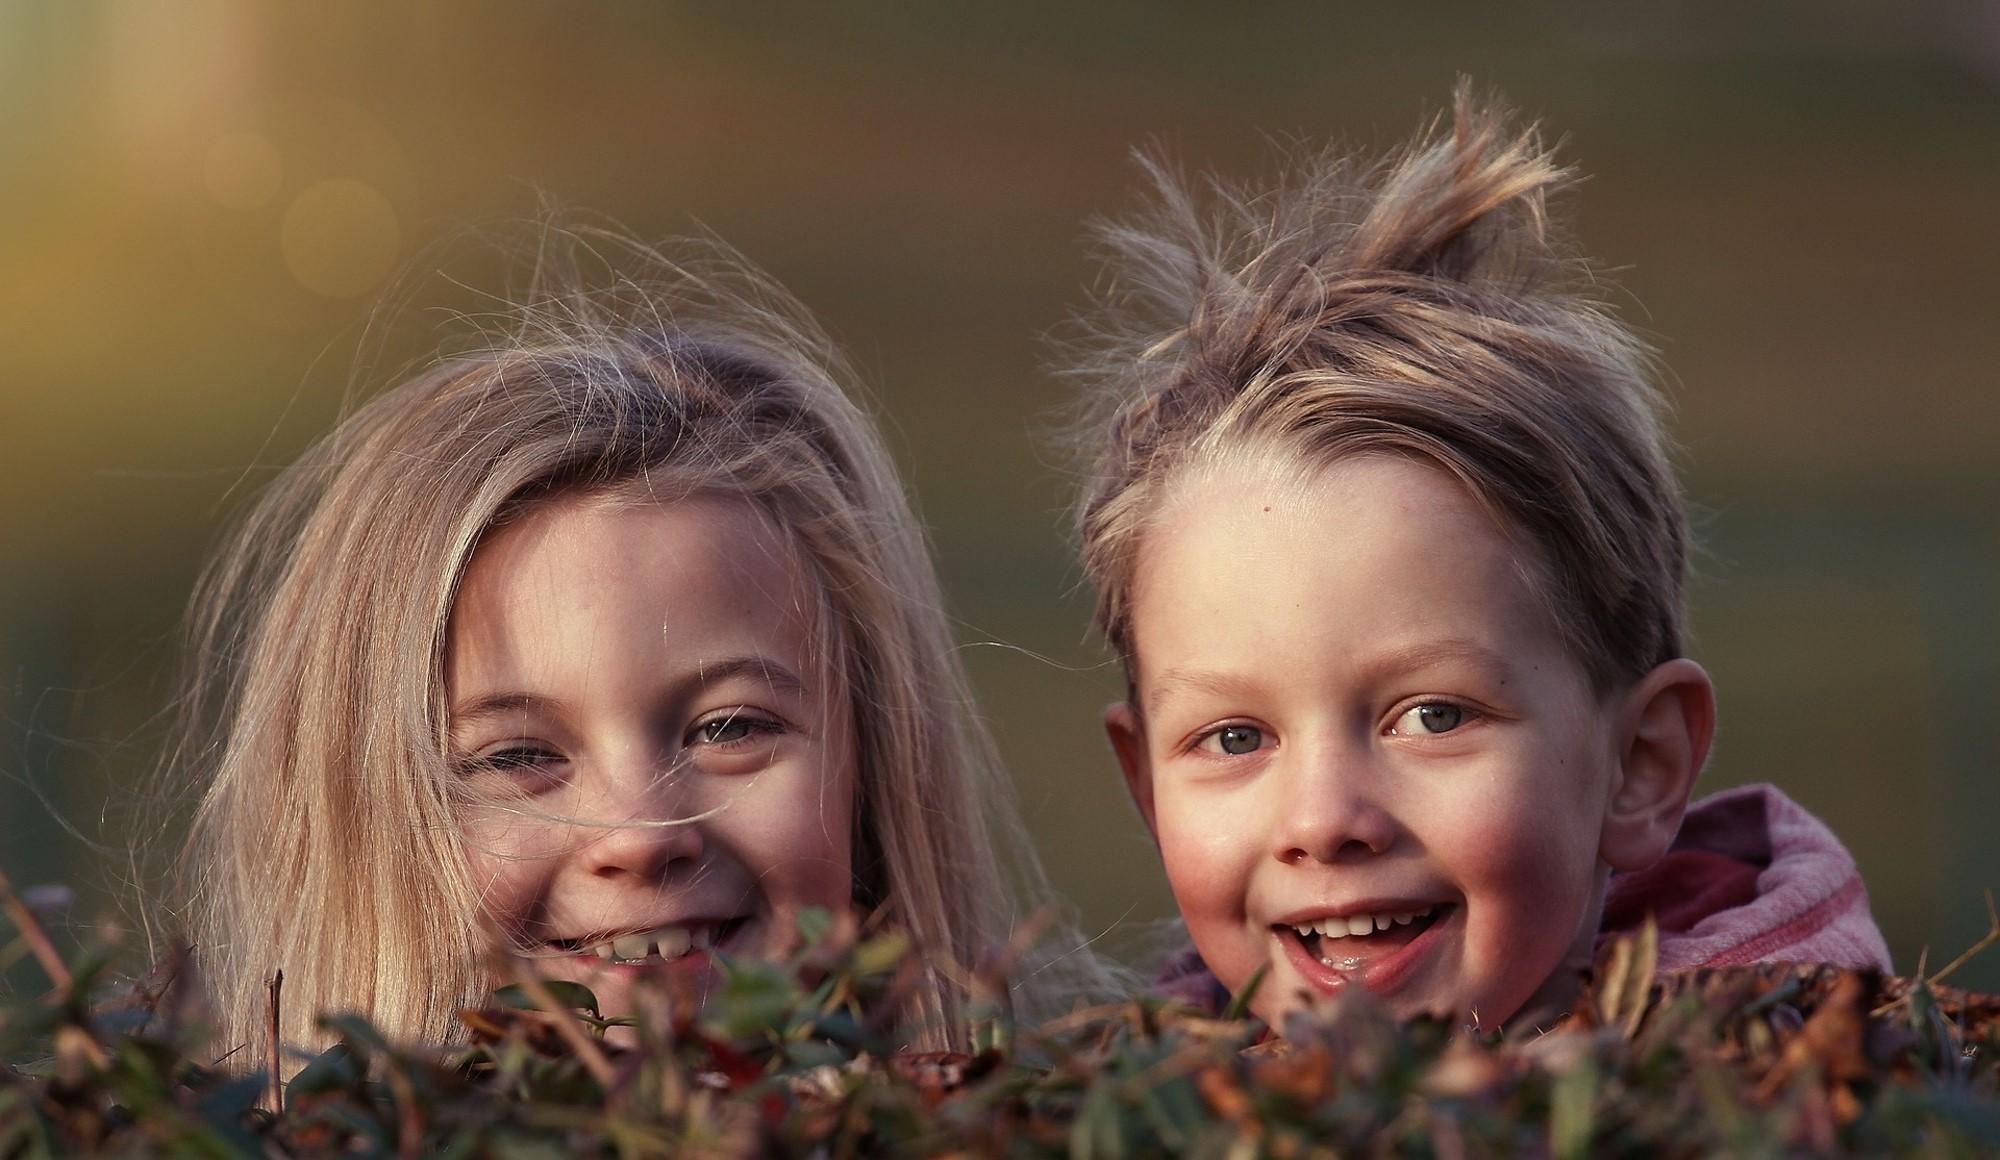 Bildet viser to smilende barn